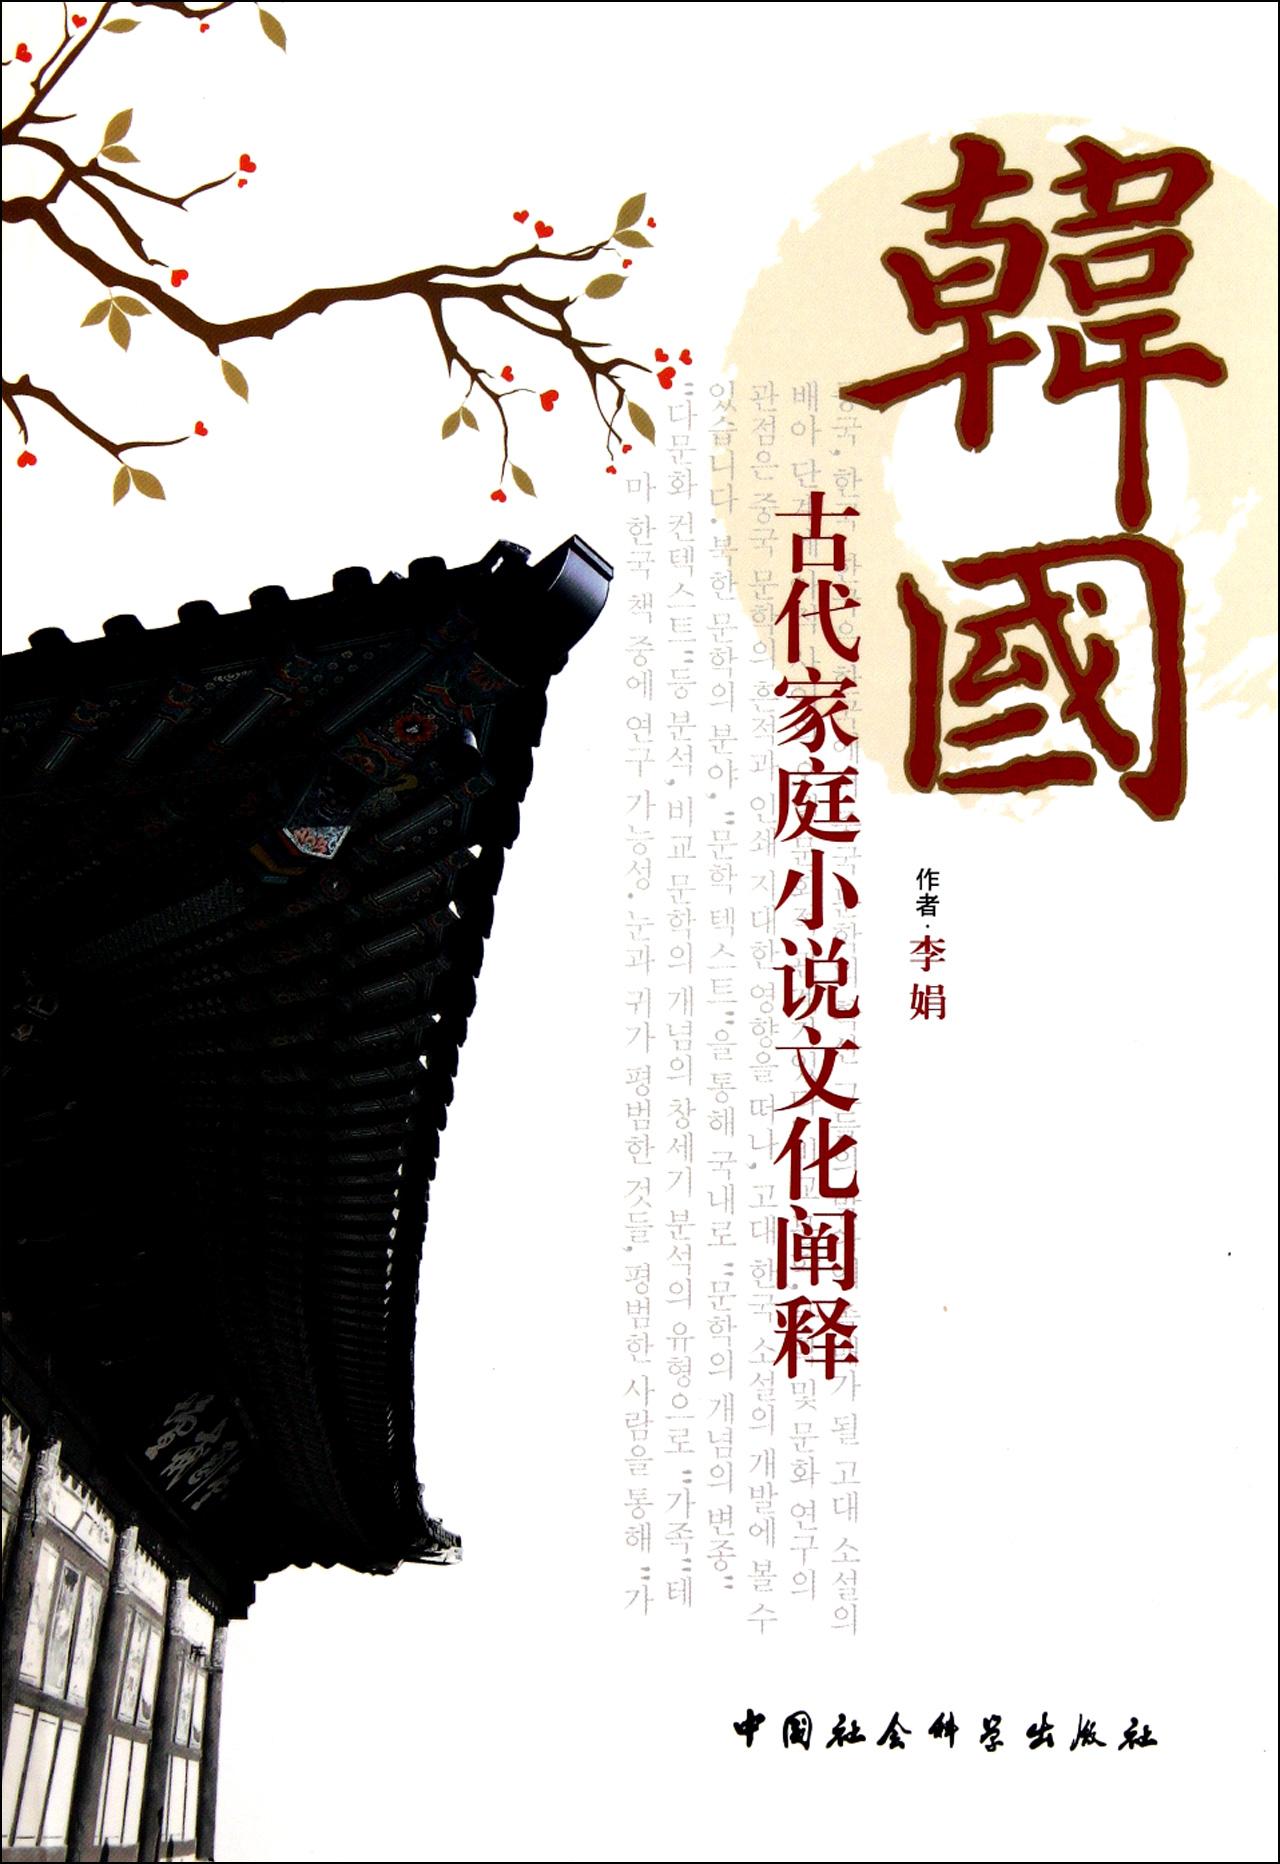 韩国古代家庭小说文化阐释图片